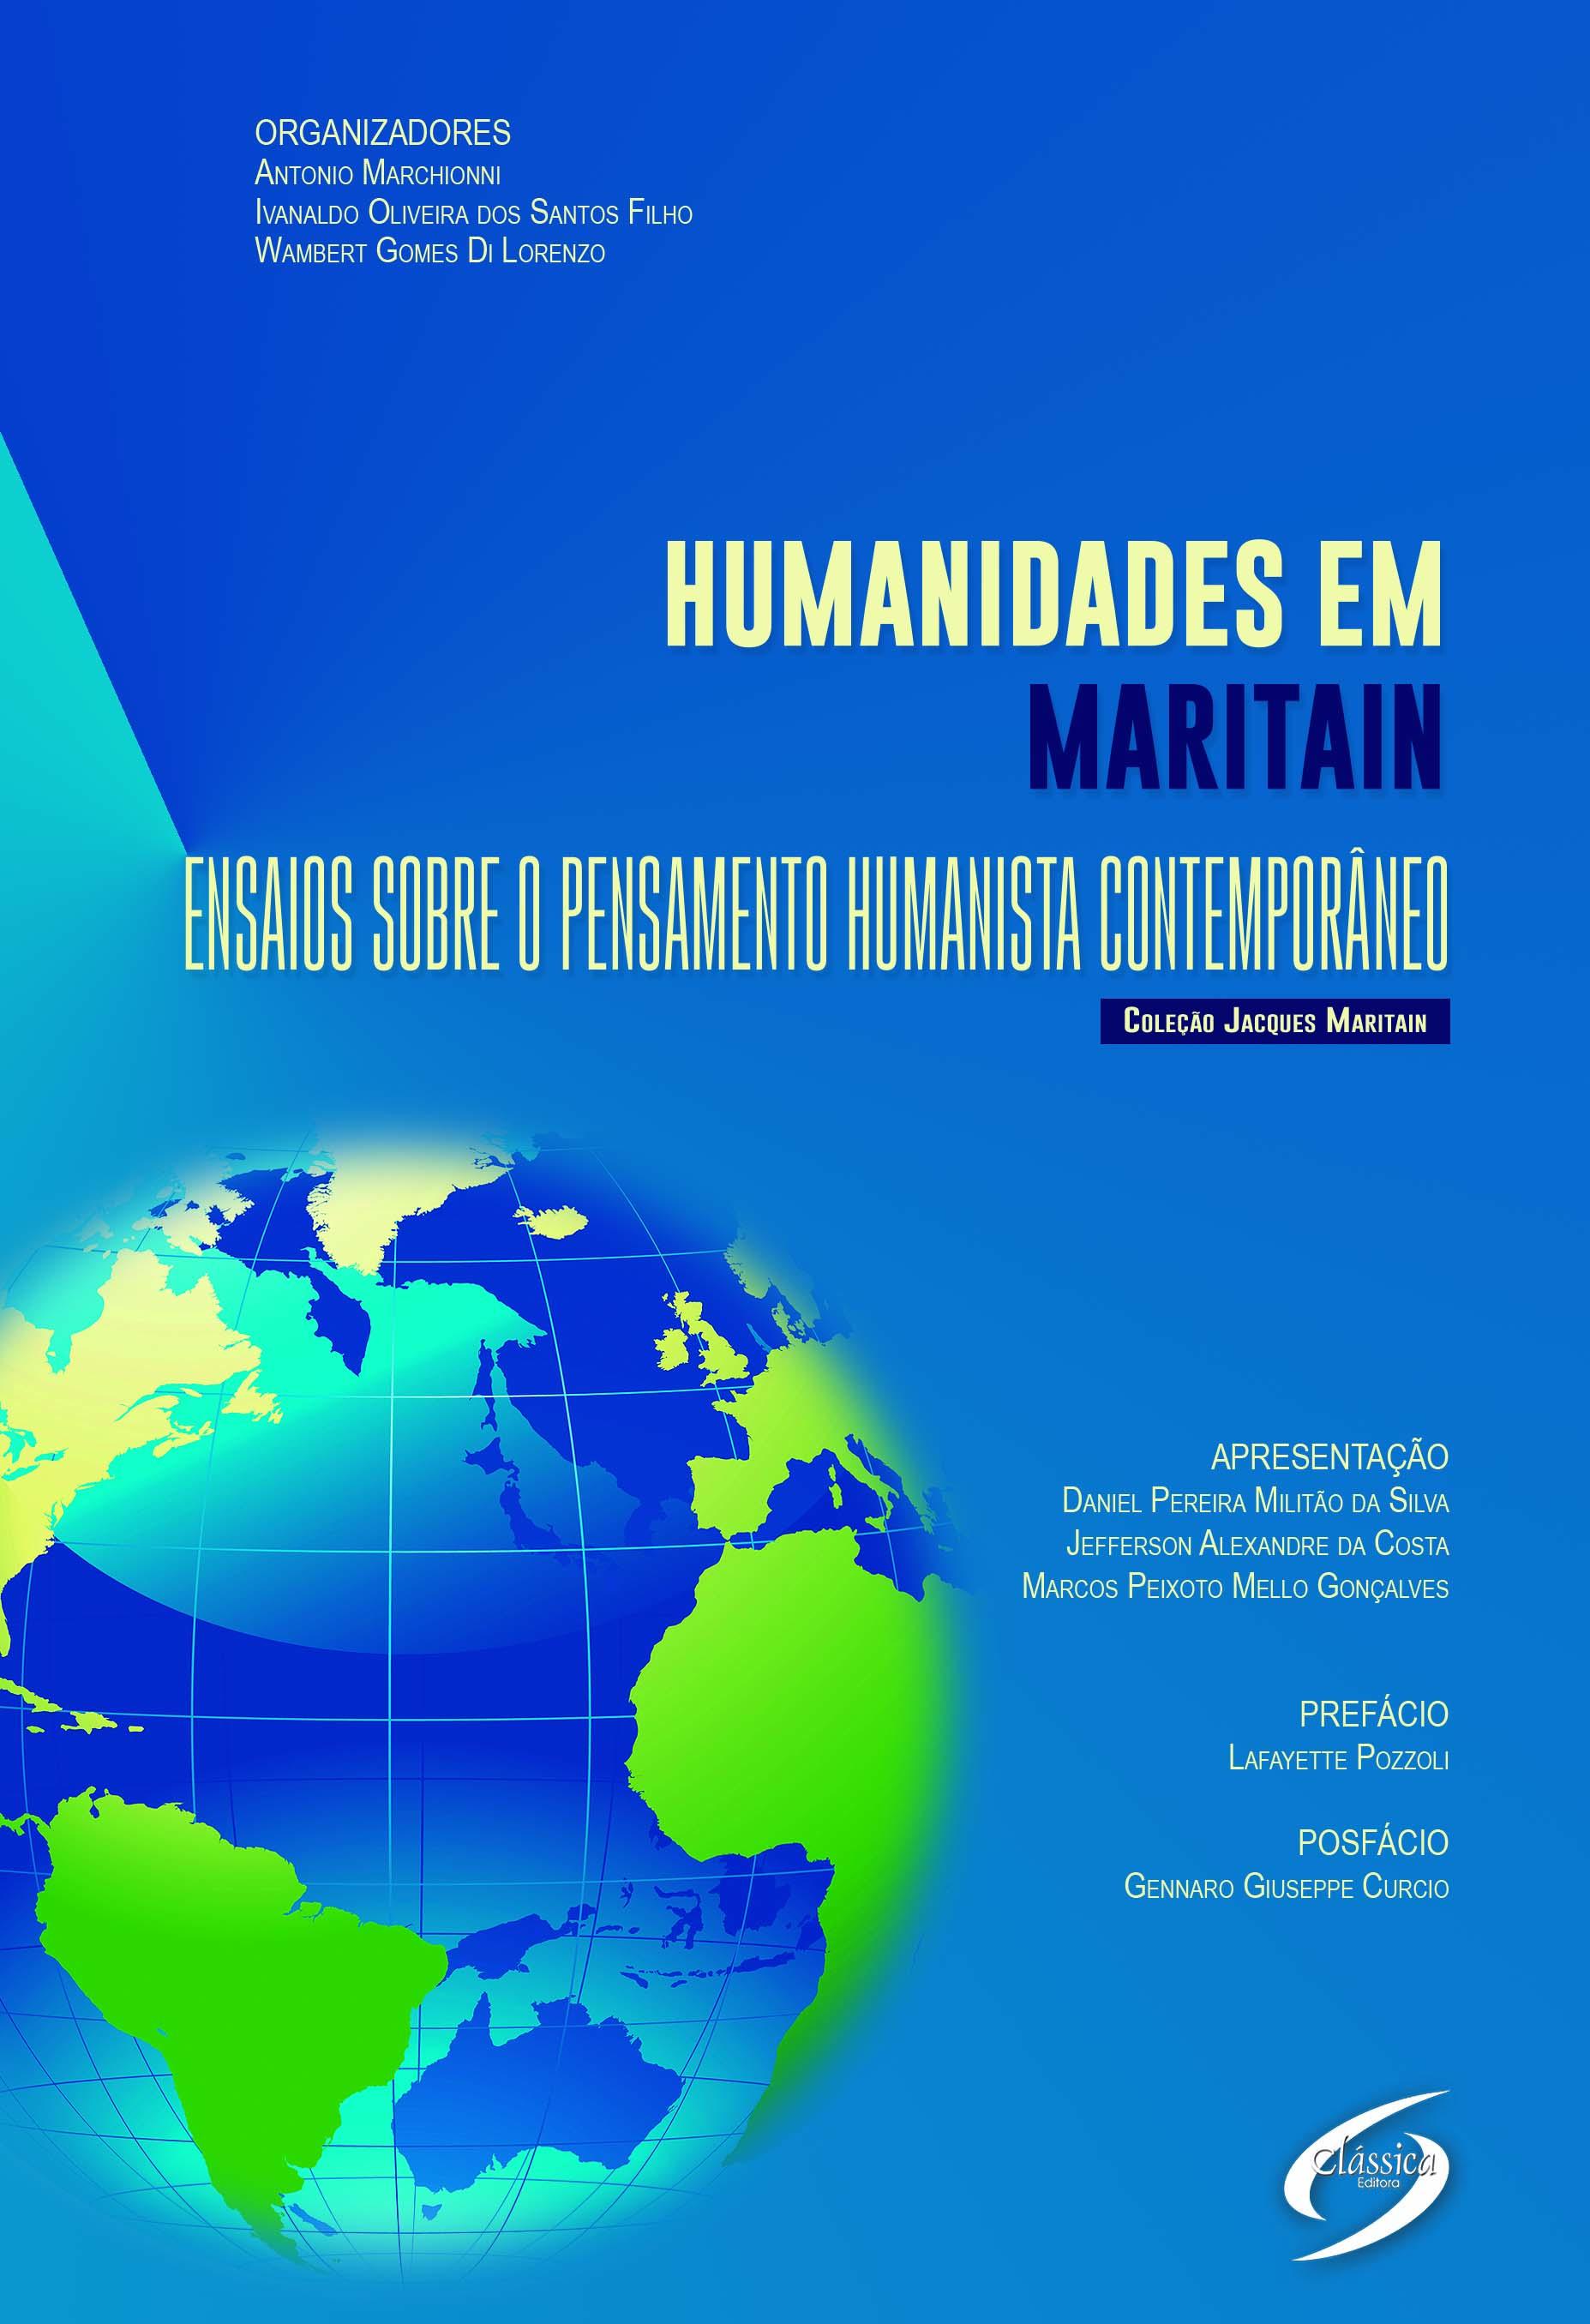 Humanidades em Maritain - Ensaios Sobre o Pensamento Humanista Contemporâneo